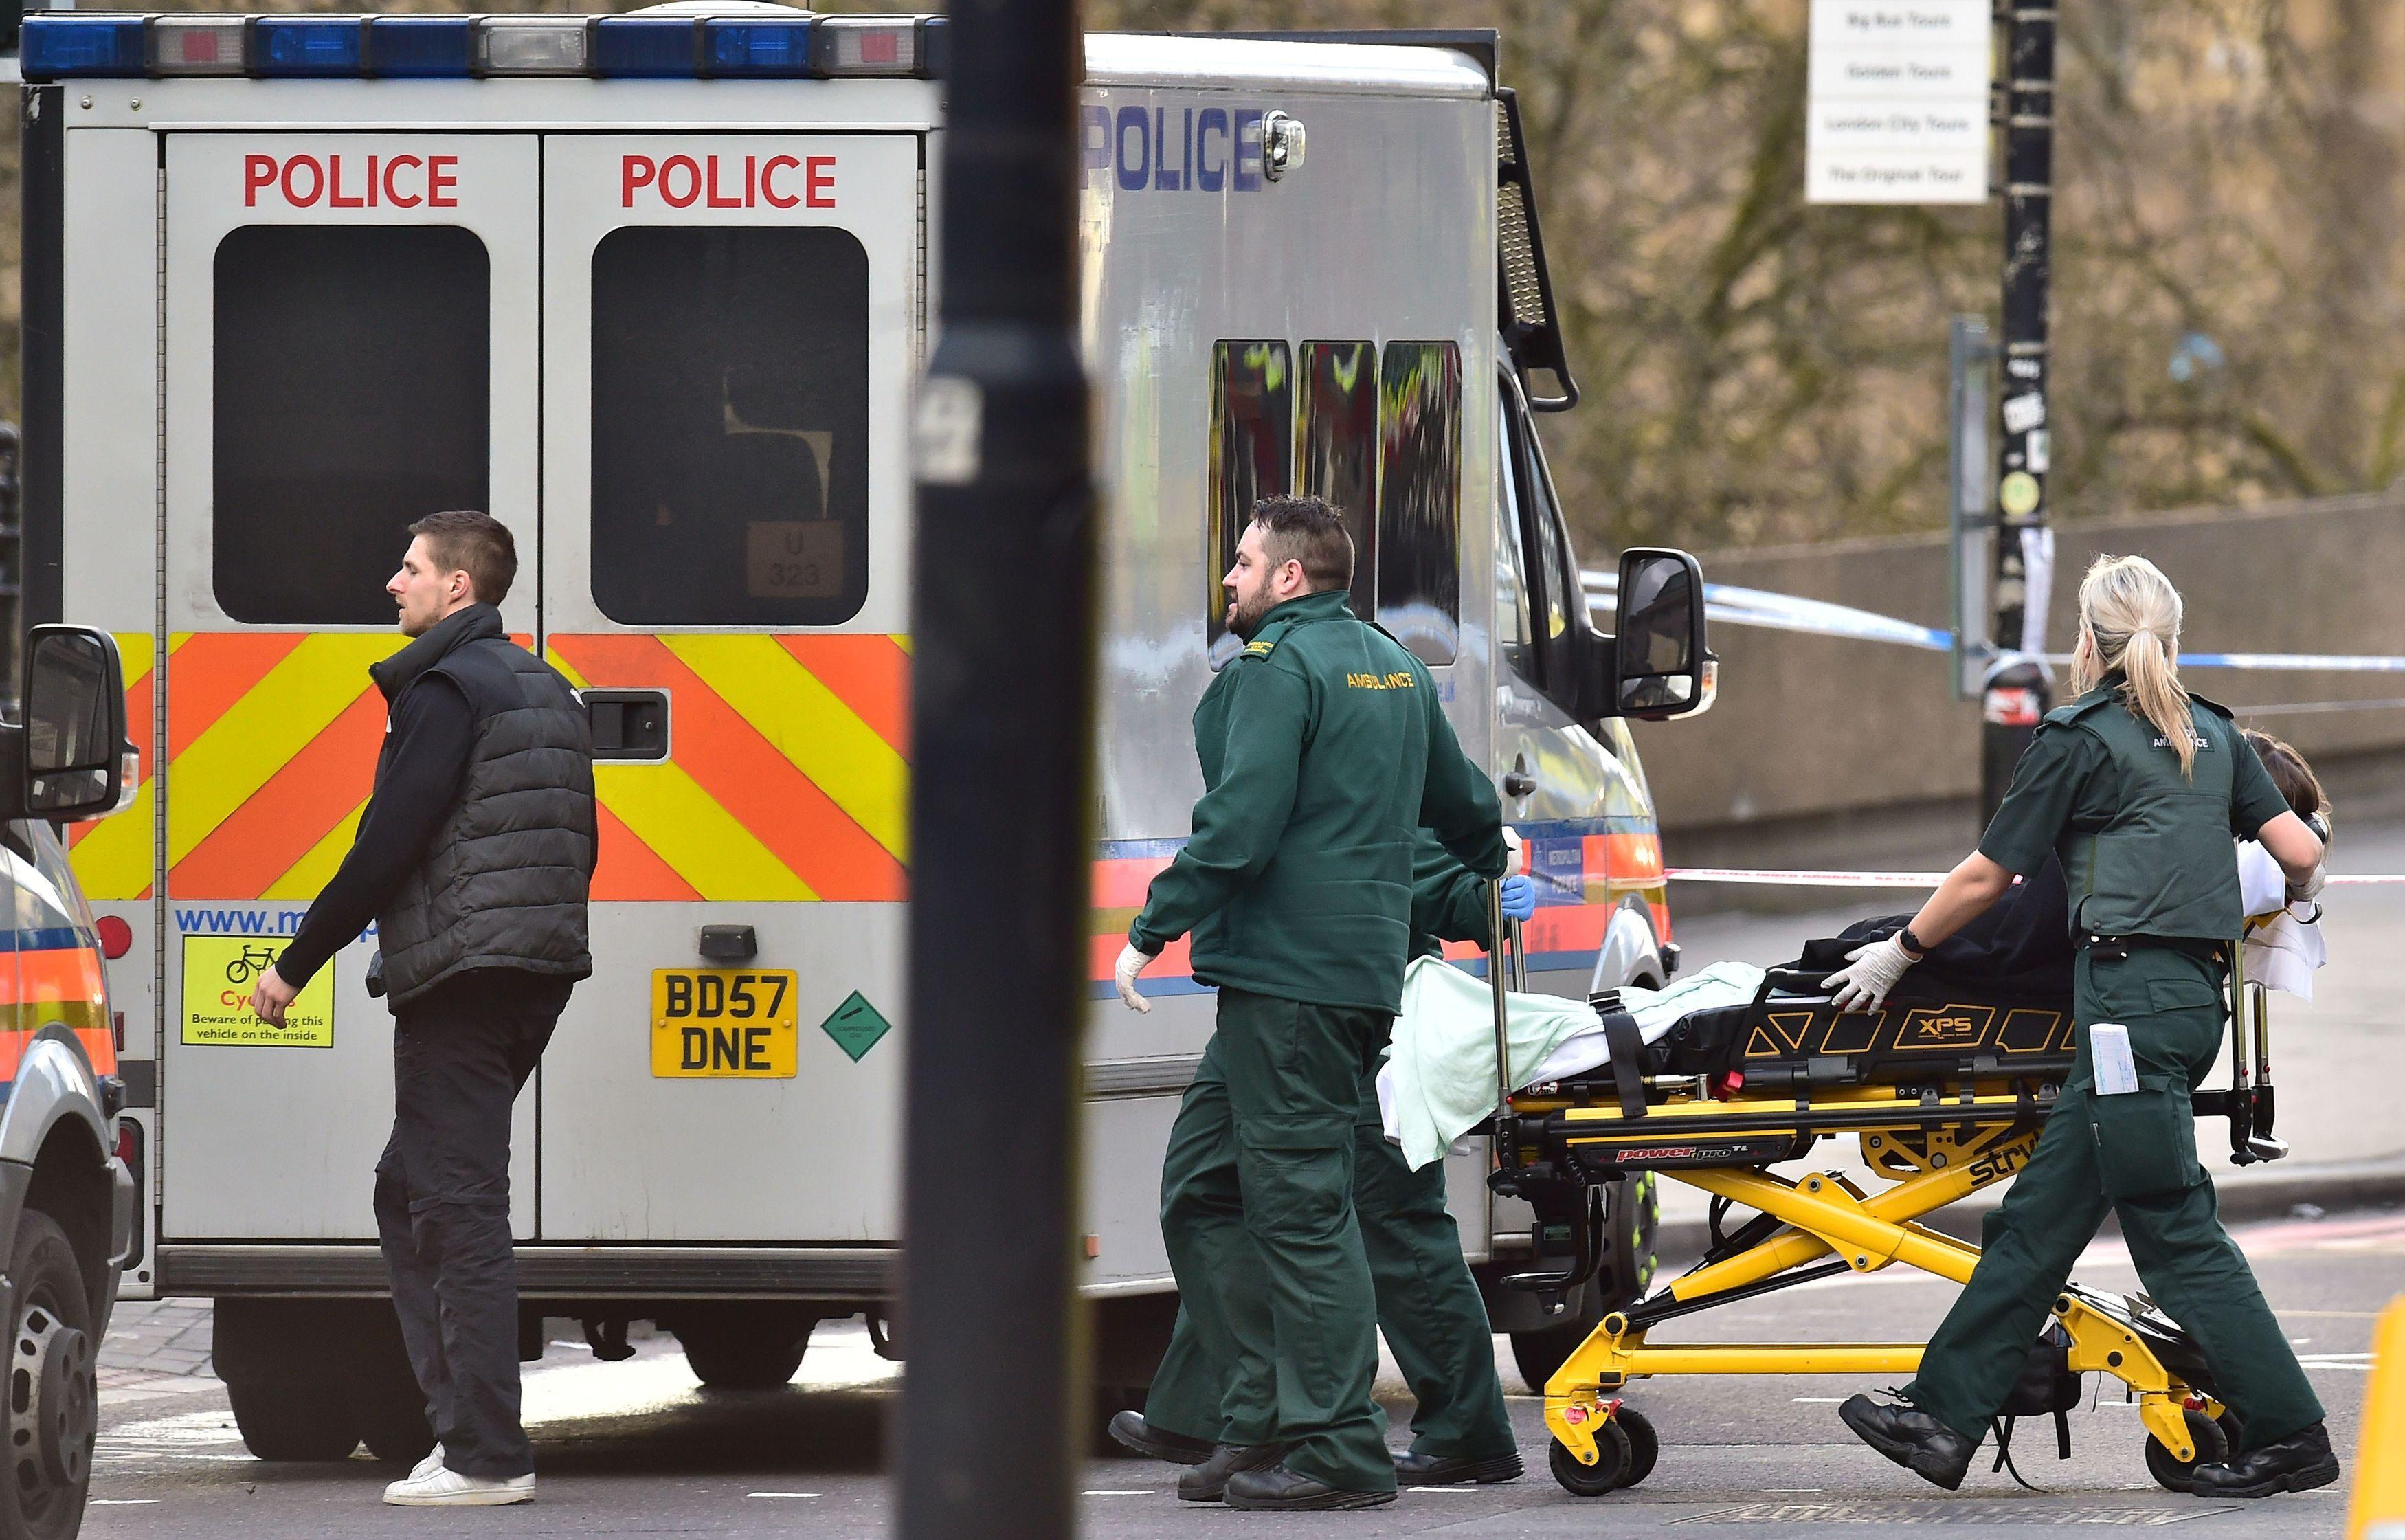 СМИ назвали имя устроившего теракт встолице Англии мужчины